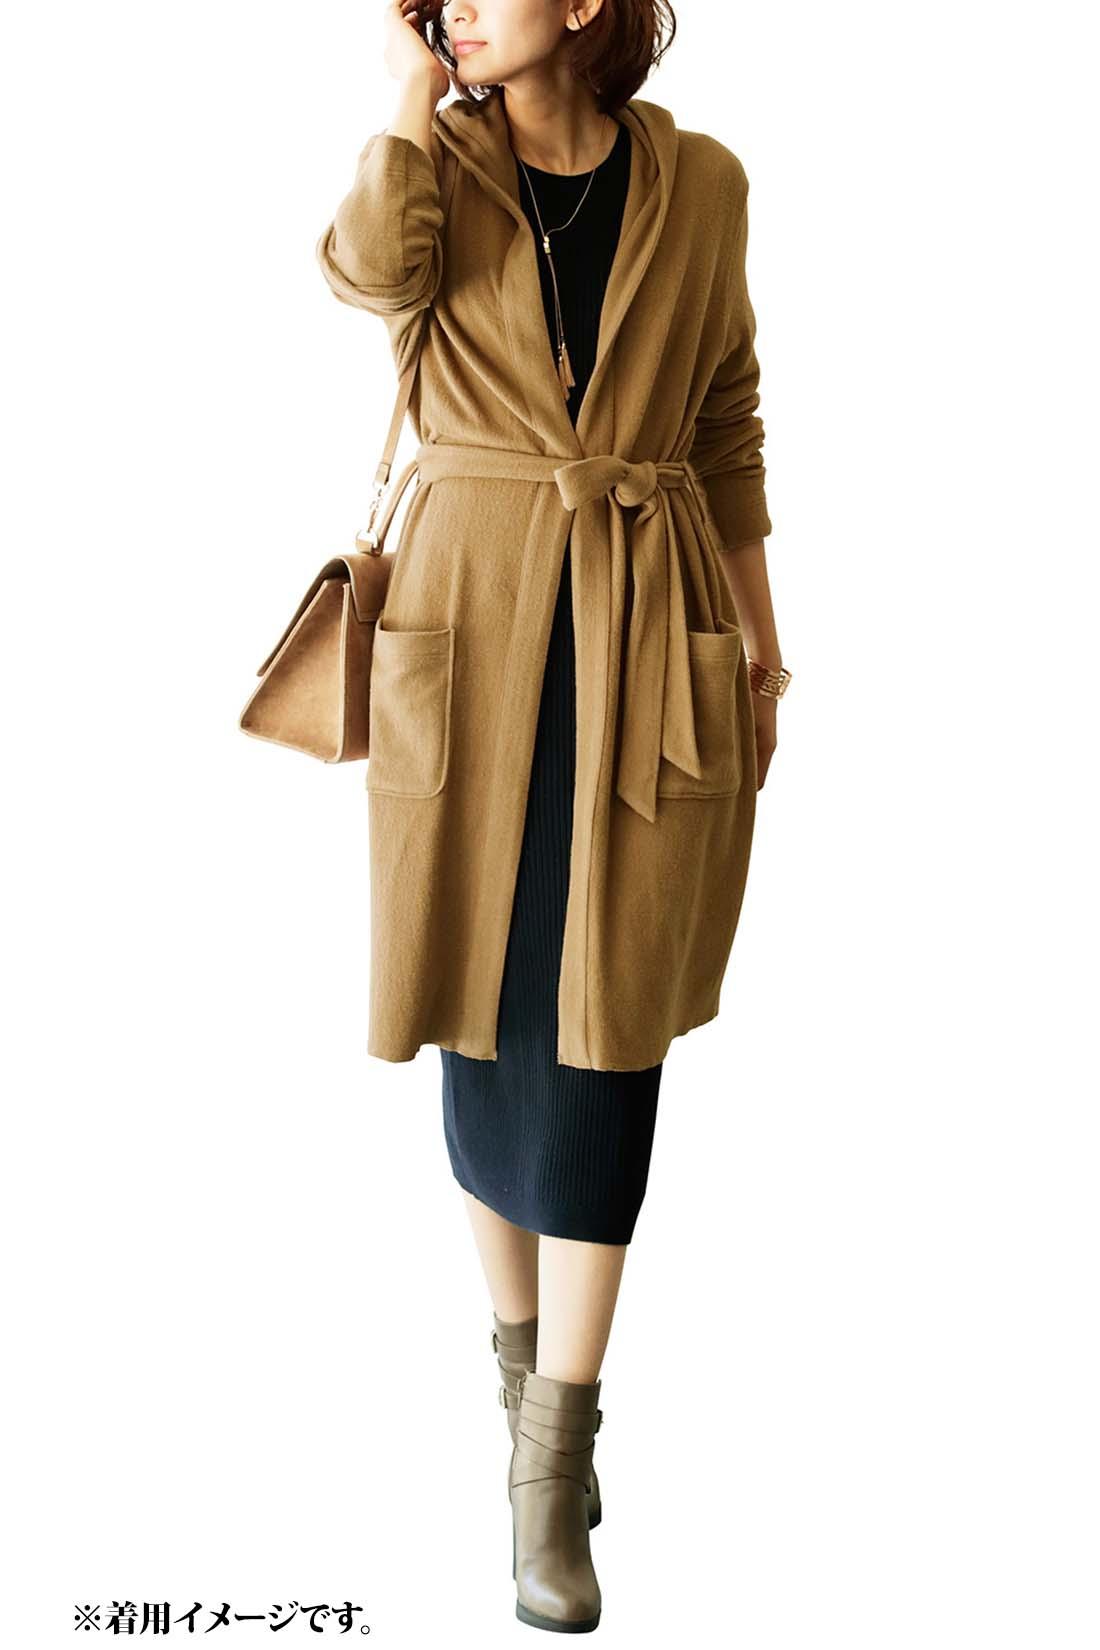 これは参考画像です。トレンドの長め丈スカートにはガウン風の着こなしで、しっかりウエストマークして女っぽさを際立たせて。